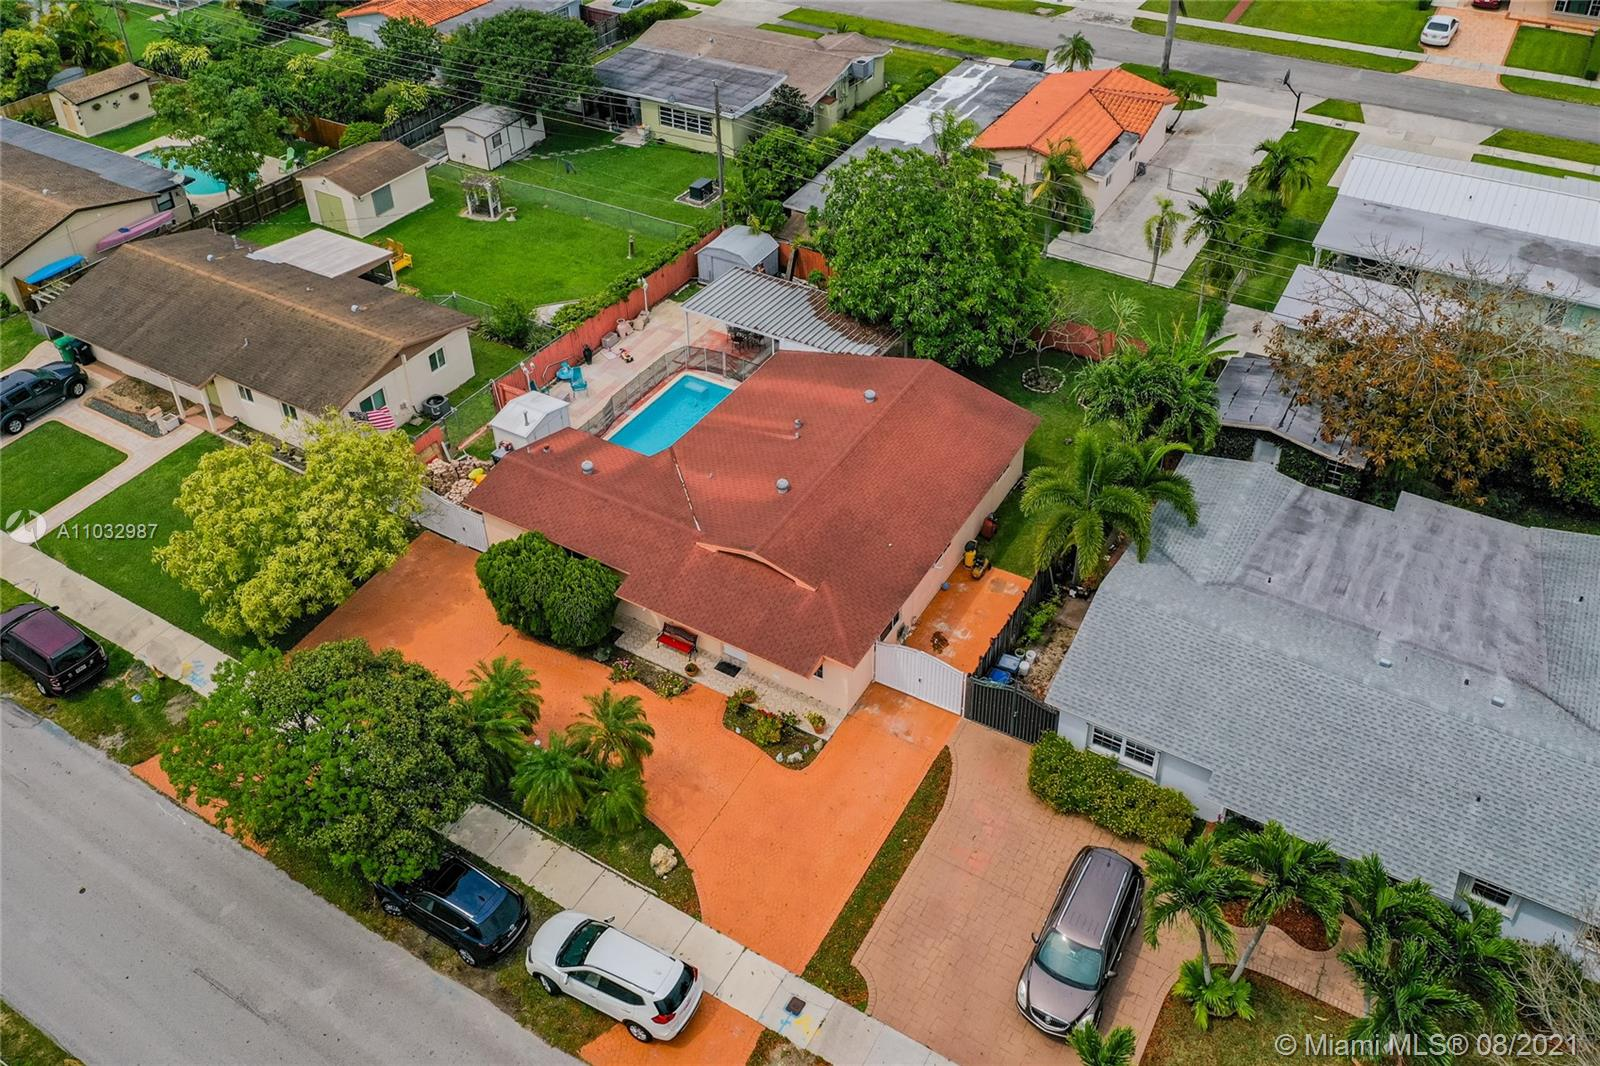 Snapper Creek - 10851 N Snapper Creek Dr, Miami, FL 33173